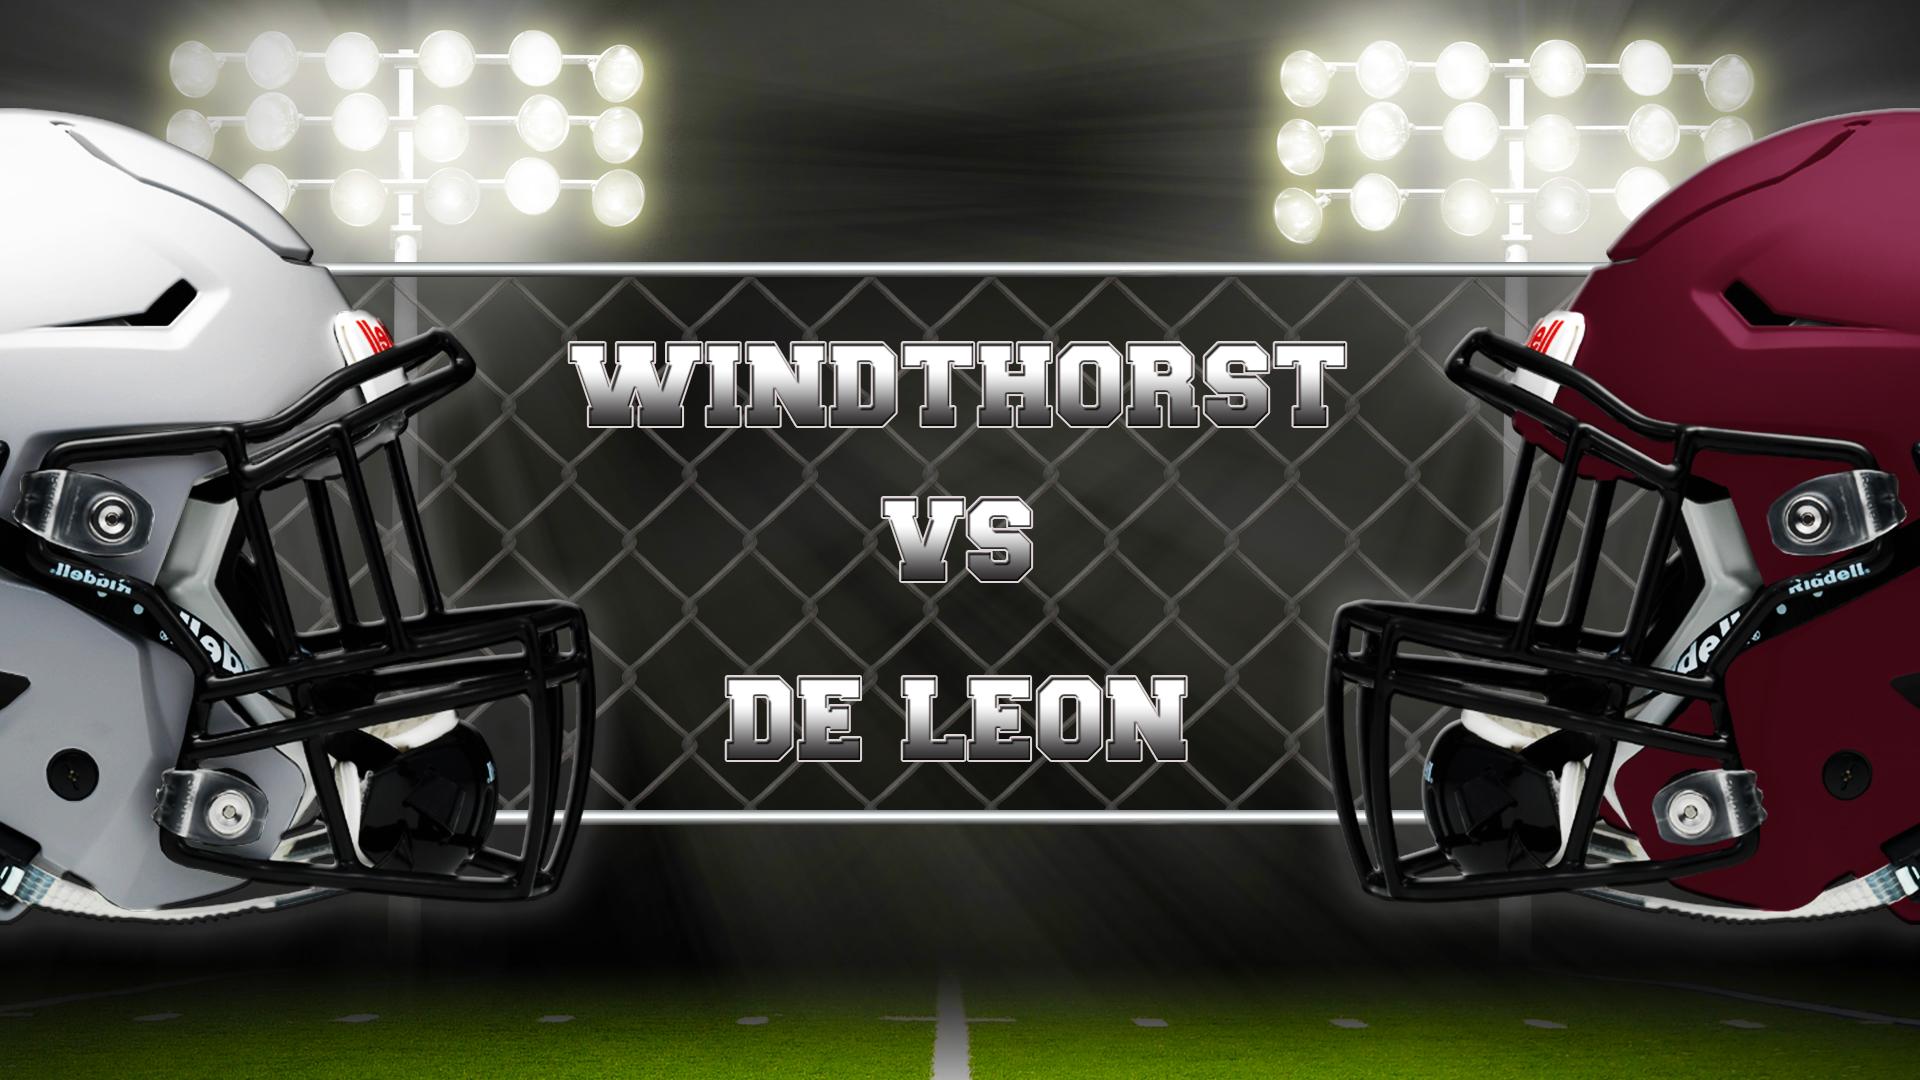 Windthorst vs De Leon_1479936828827.jpg